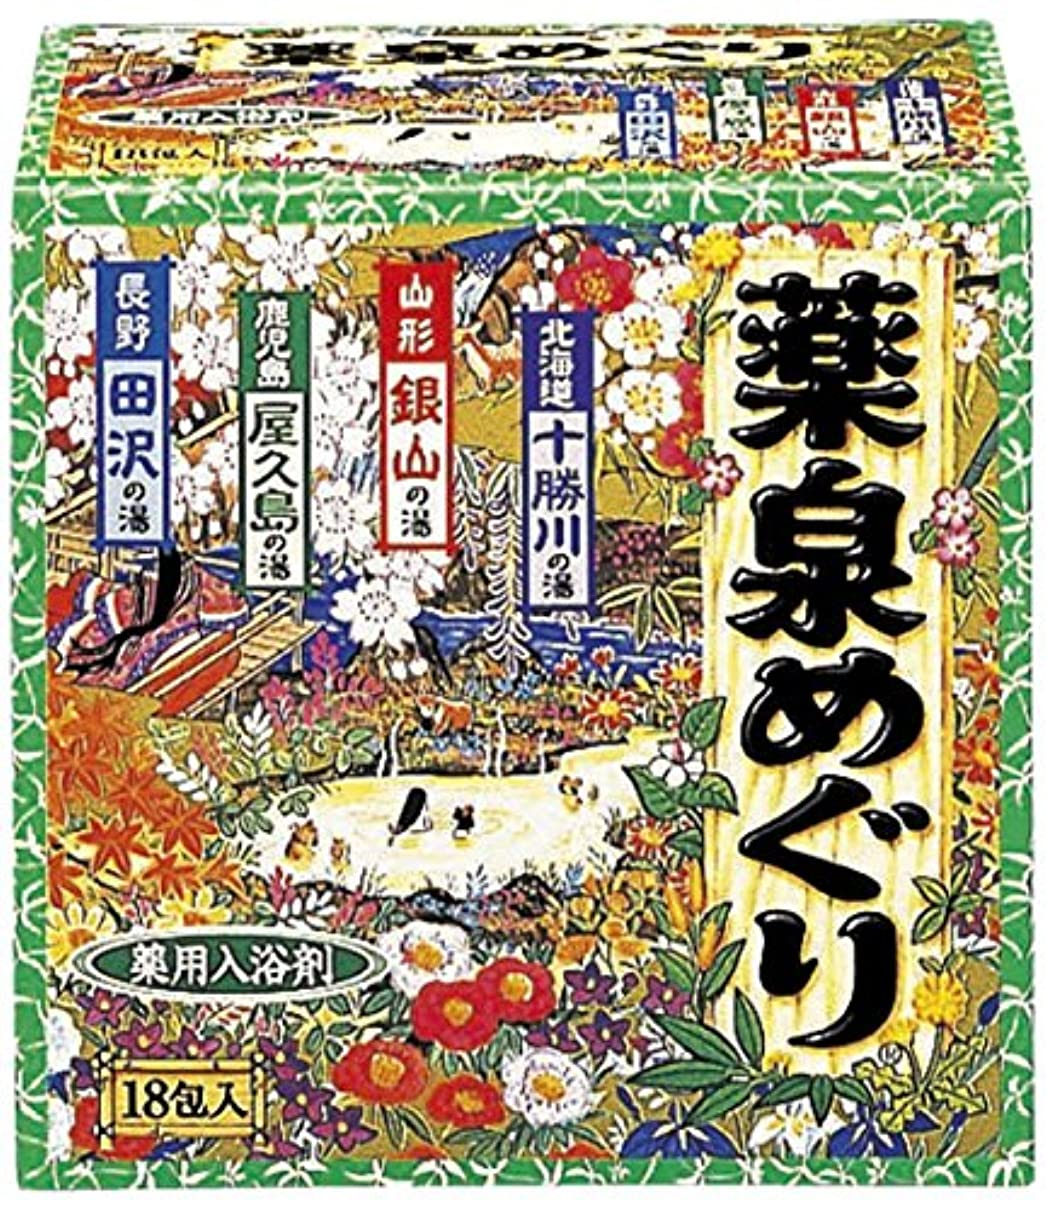 子犬疑い故国【アース製薬】薬泉めぐり 540g(30g*18包) ×10個セット